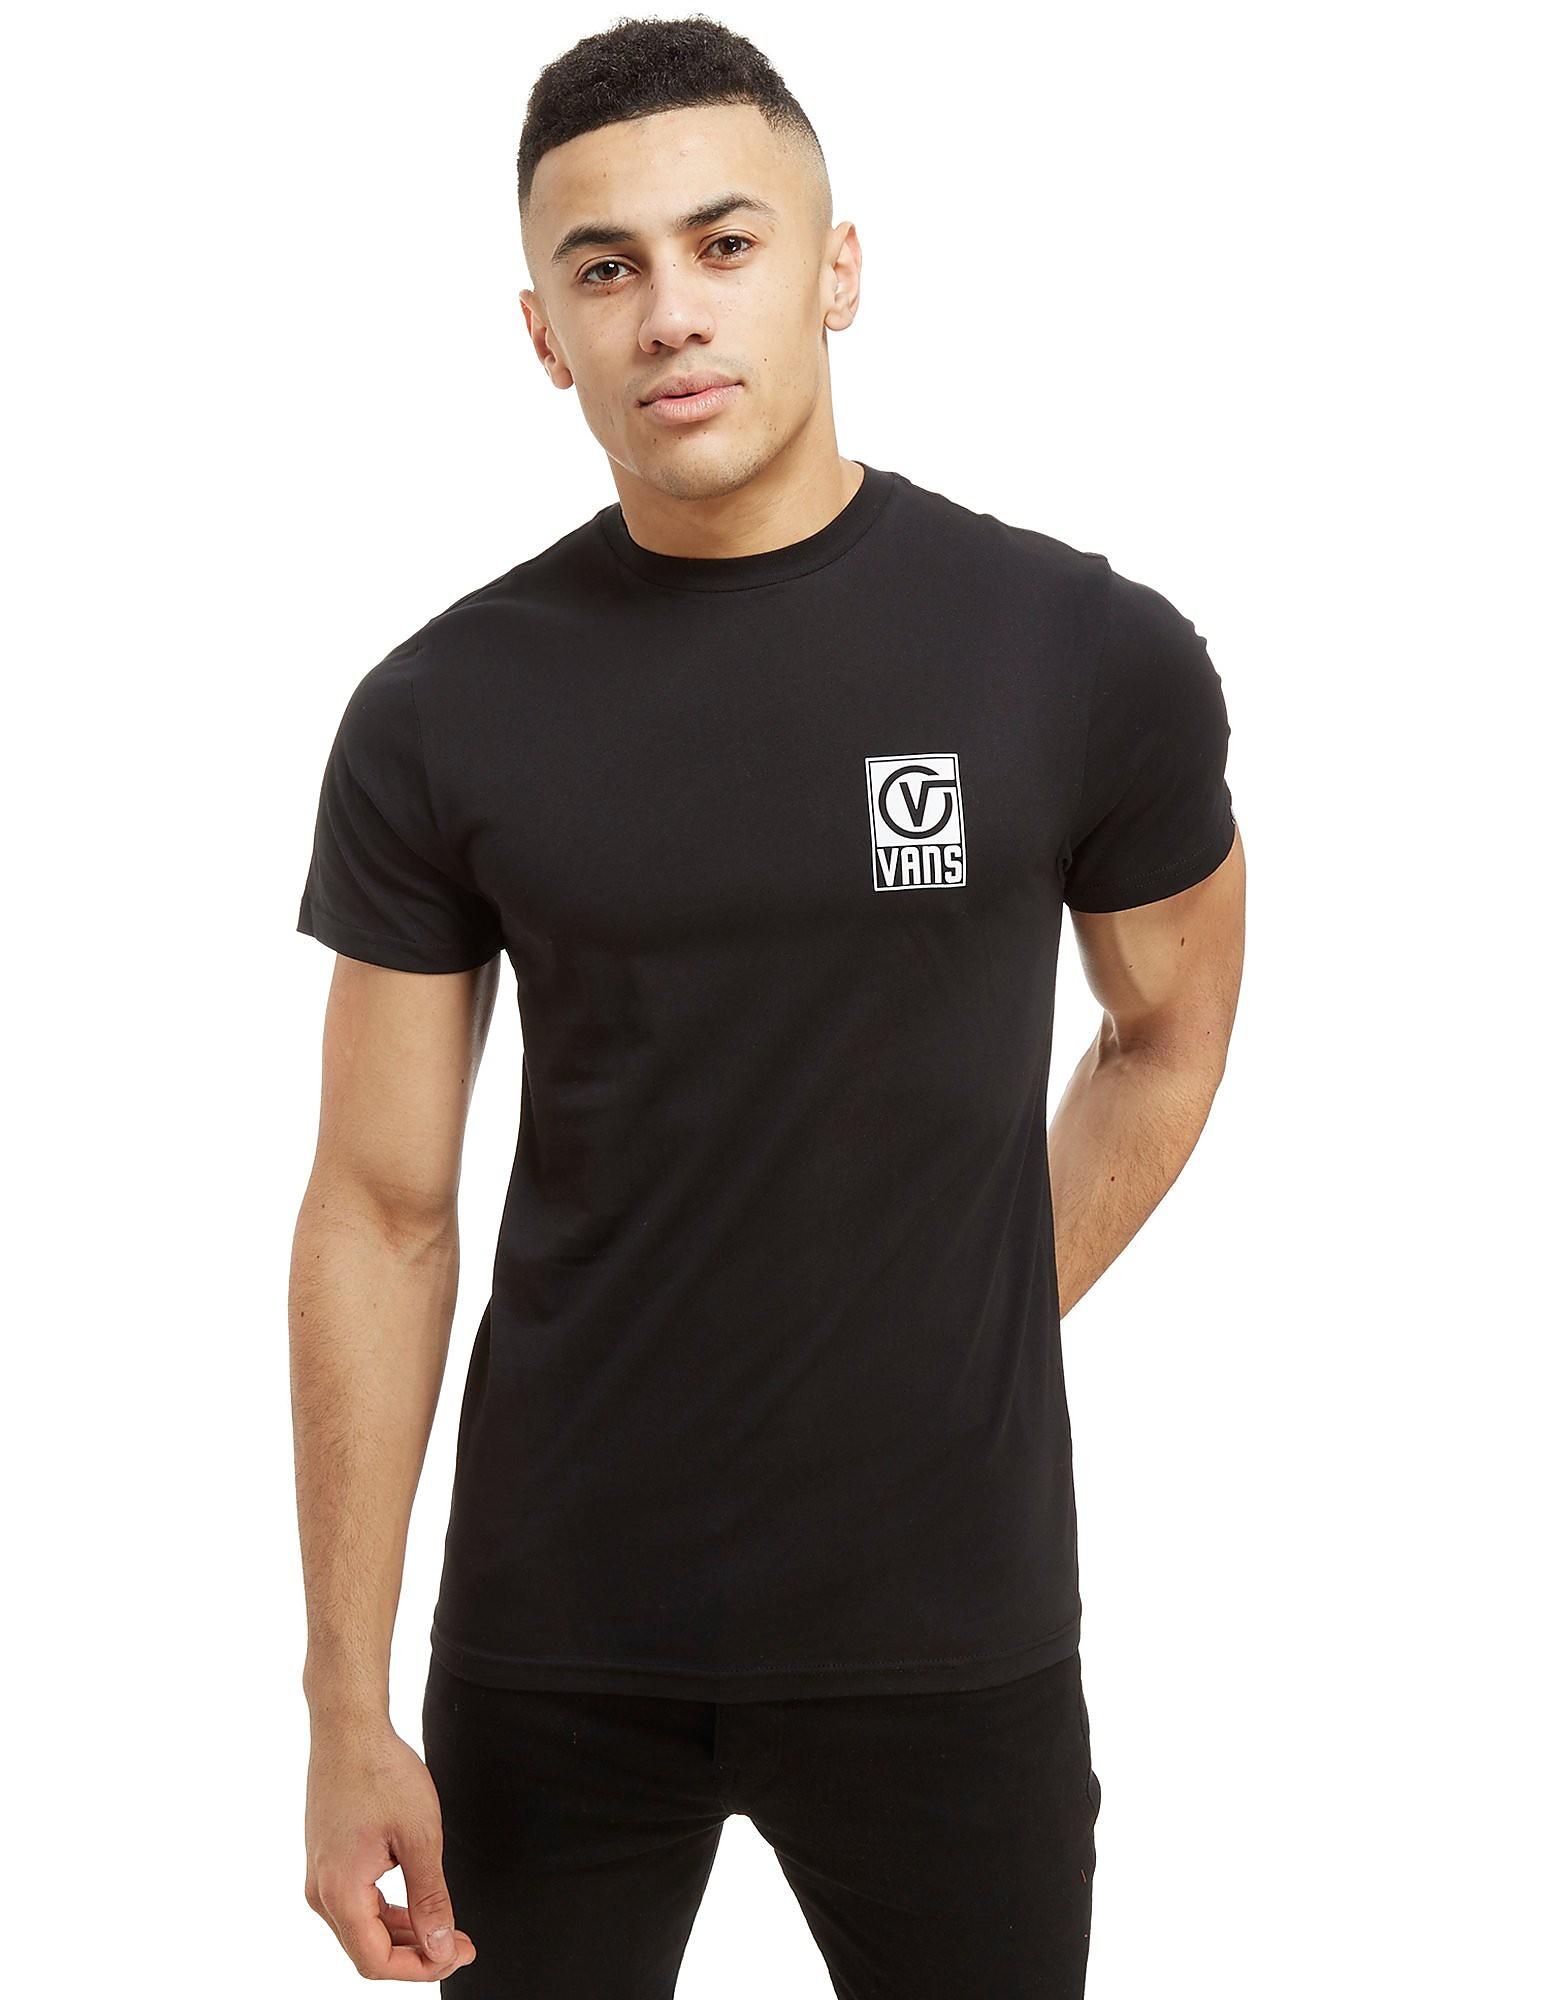 Vans Worldwide T-Shirt